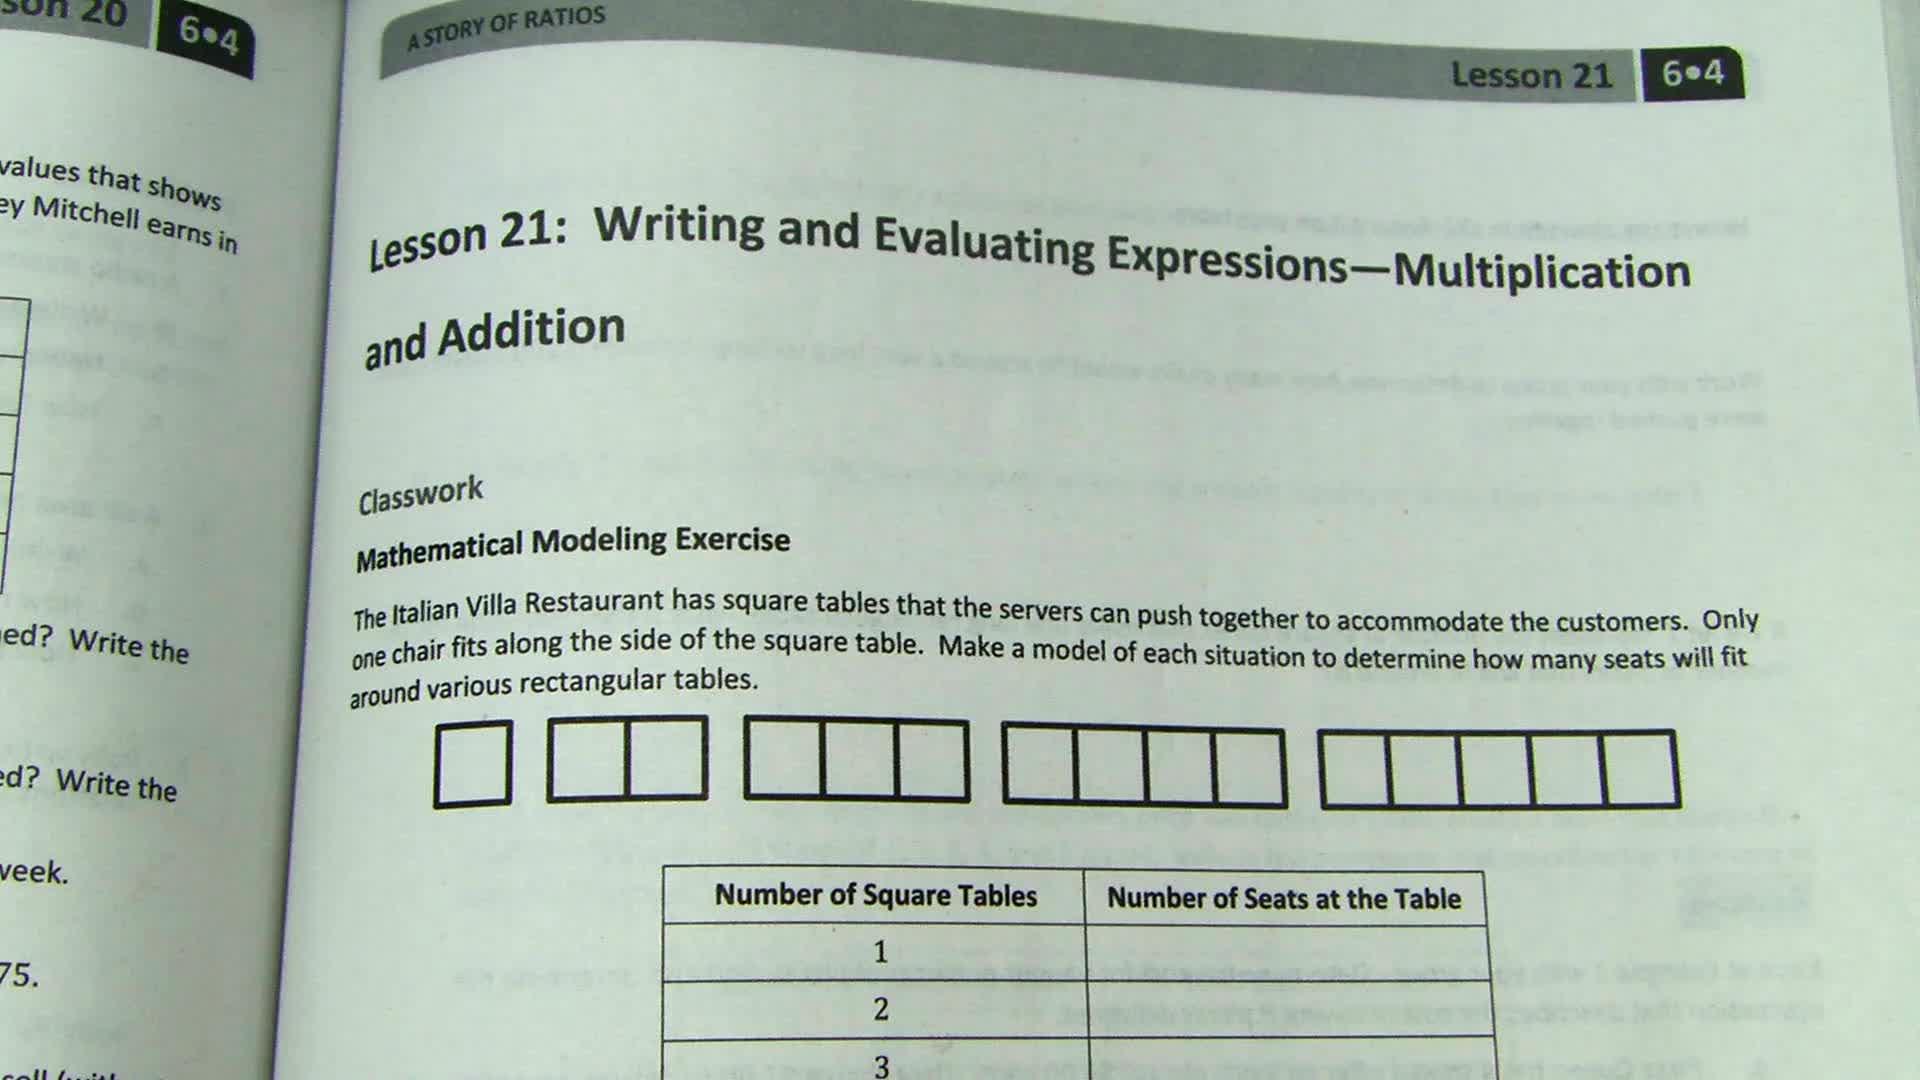 Module 4 - Lesson 21